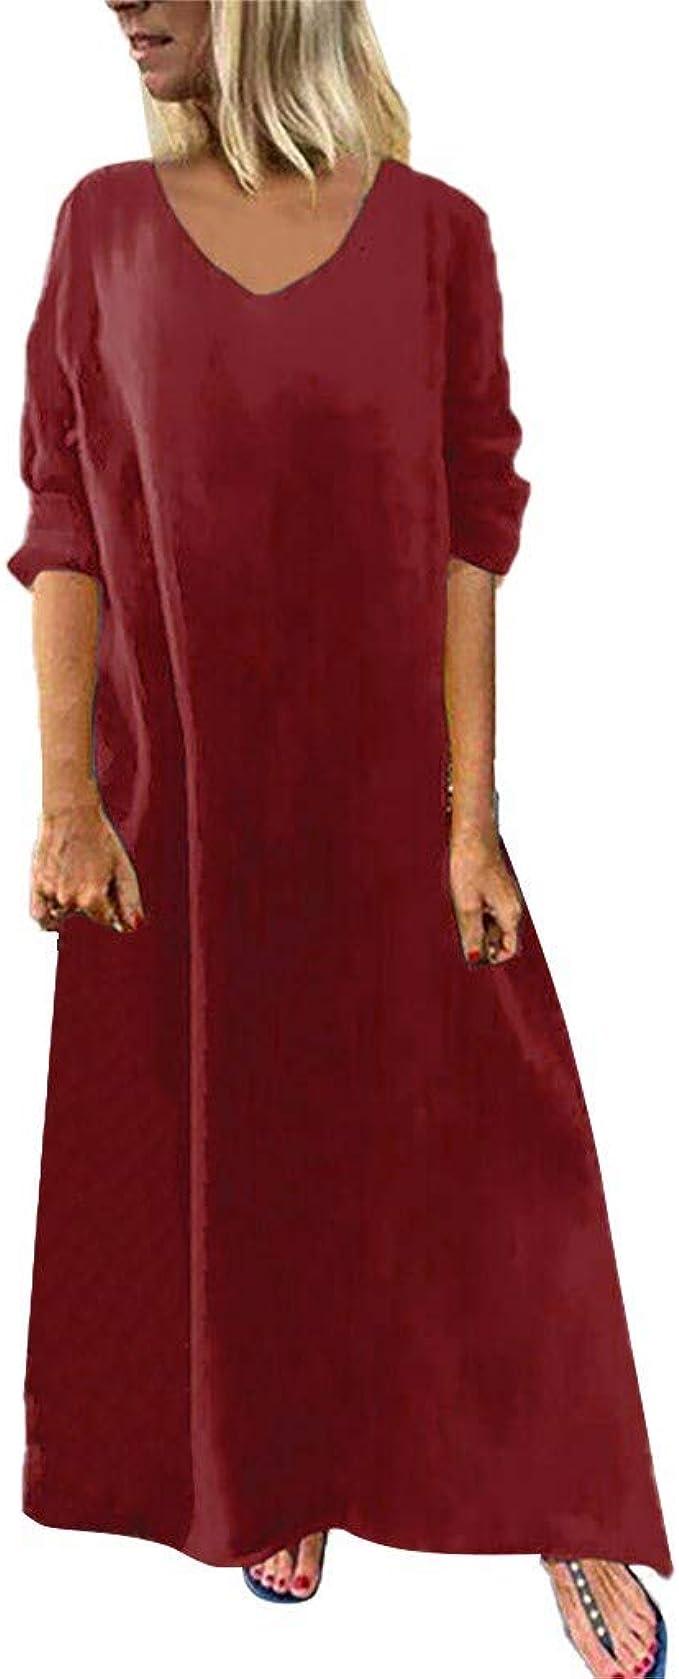 TIFIY Damen Kleid Damen Sexy Loose Solid Langarm V-Ausschnitt